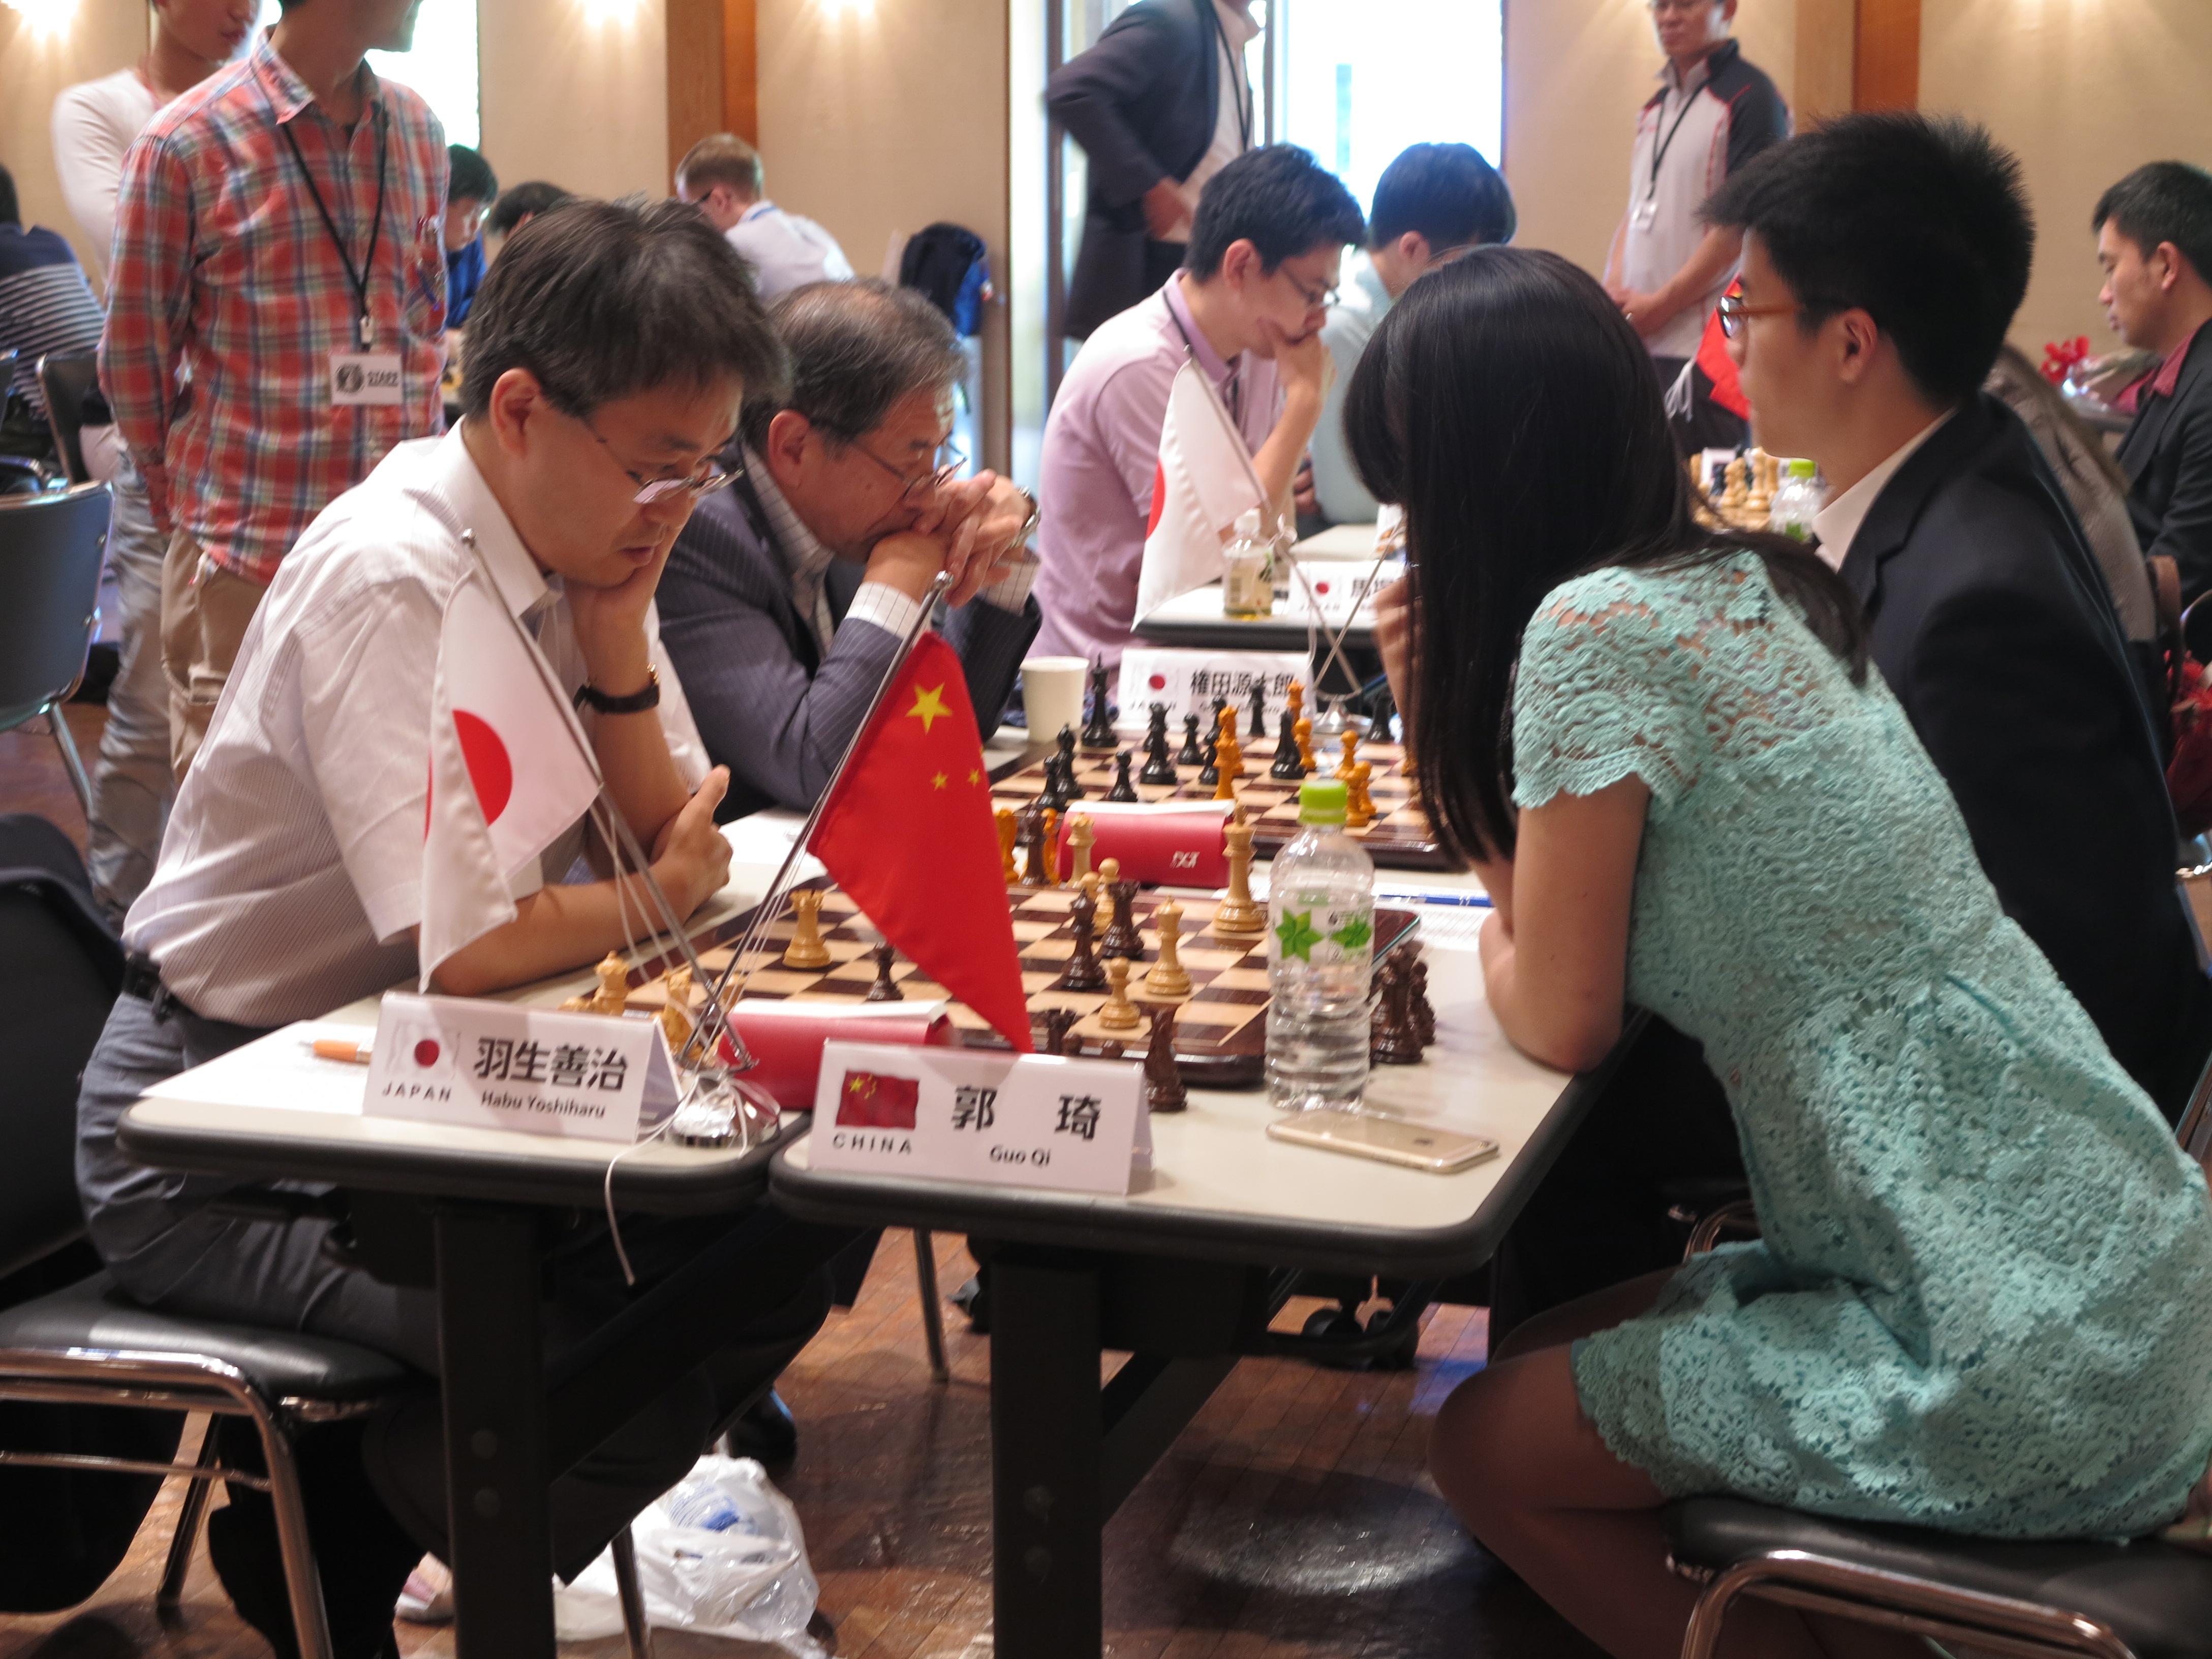 羽生名人も参戦!第11回国際親善チェス大会in NIIGATAに潜入。